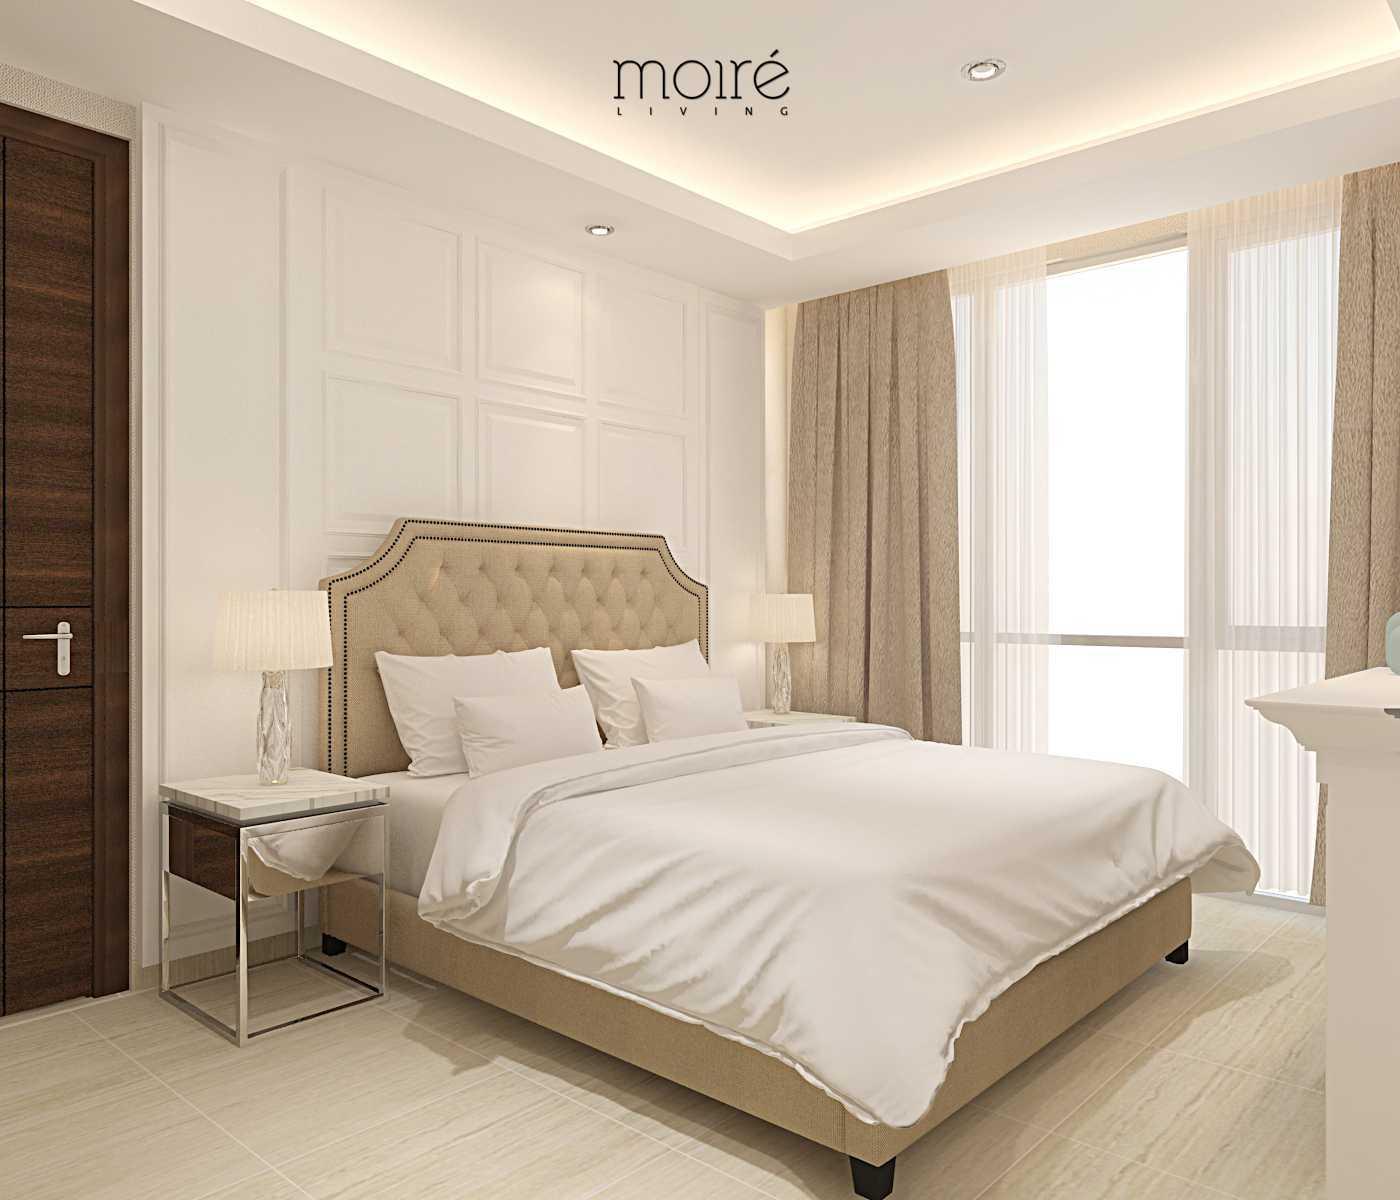 Moire Living Windsor Apartment Jakarta Barat, Kb. Jeruk, Kota Jakarta Barat, Daerah Khusus Ibukota Jakarta, Indonesia  Moire-Living-Windsor-Apartment Klasik 54860